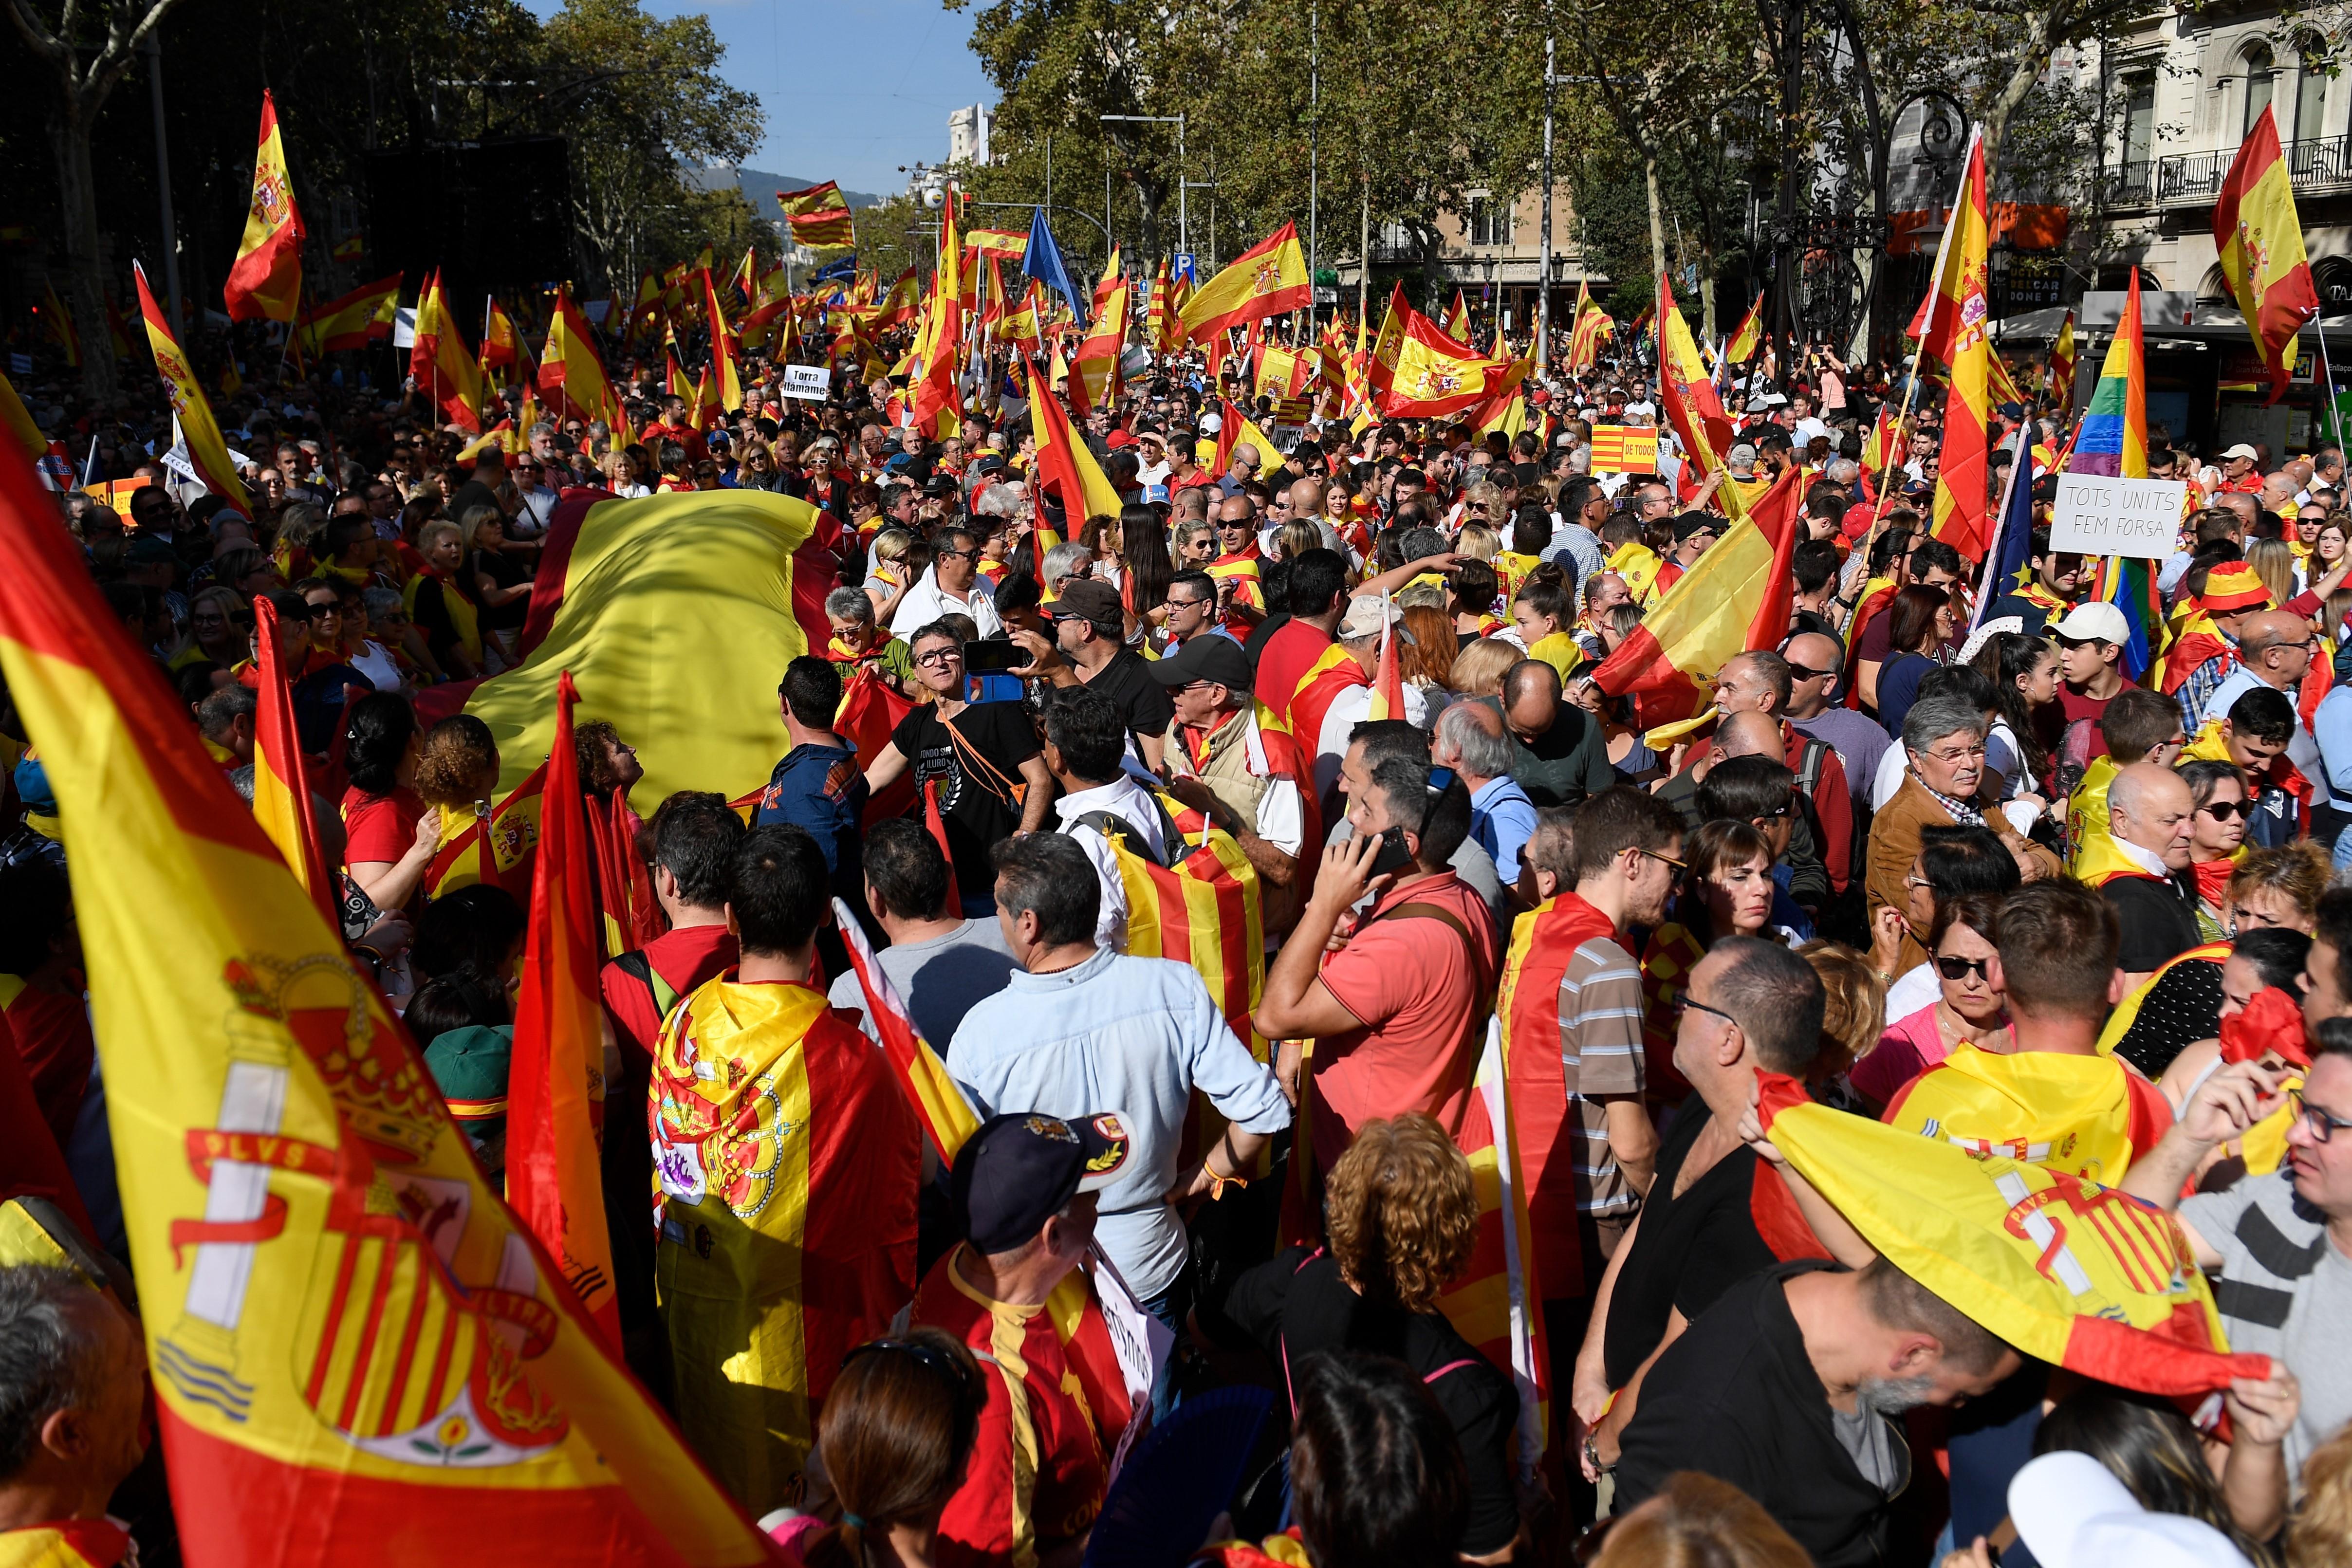 Tízezrek vonultak utcára Barcelonában a függetlenségi törekvések befejezését követelve